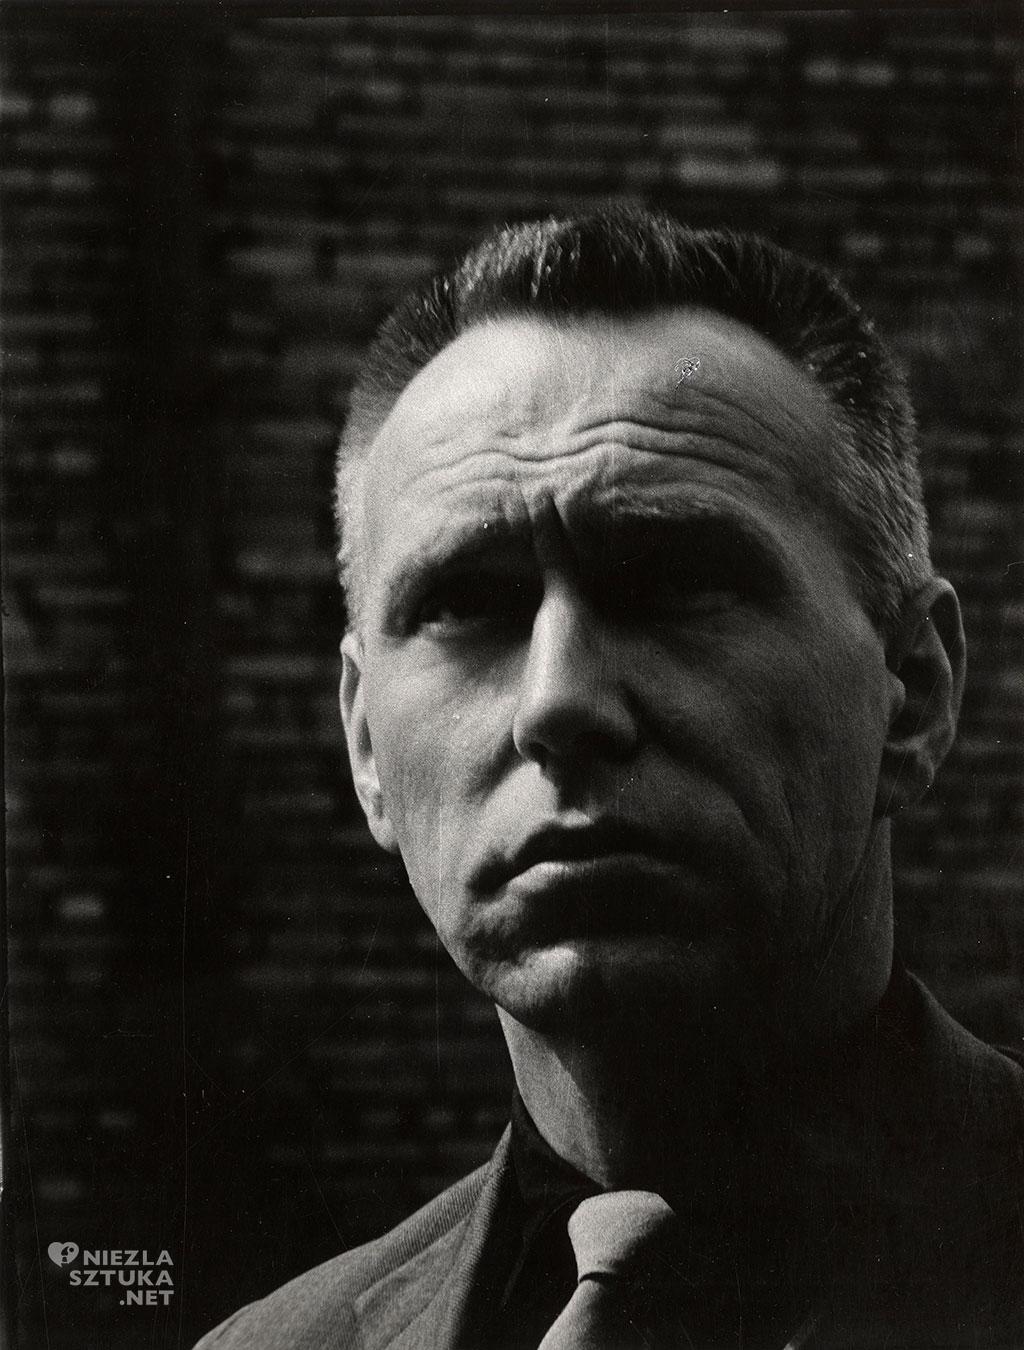 Zamecznik Portret Fangora   1962, Fundacja Archeologii Fotografii, faf.org.pl